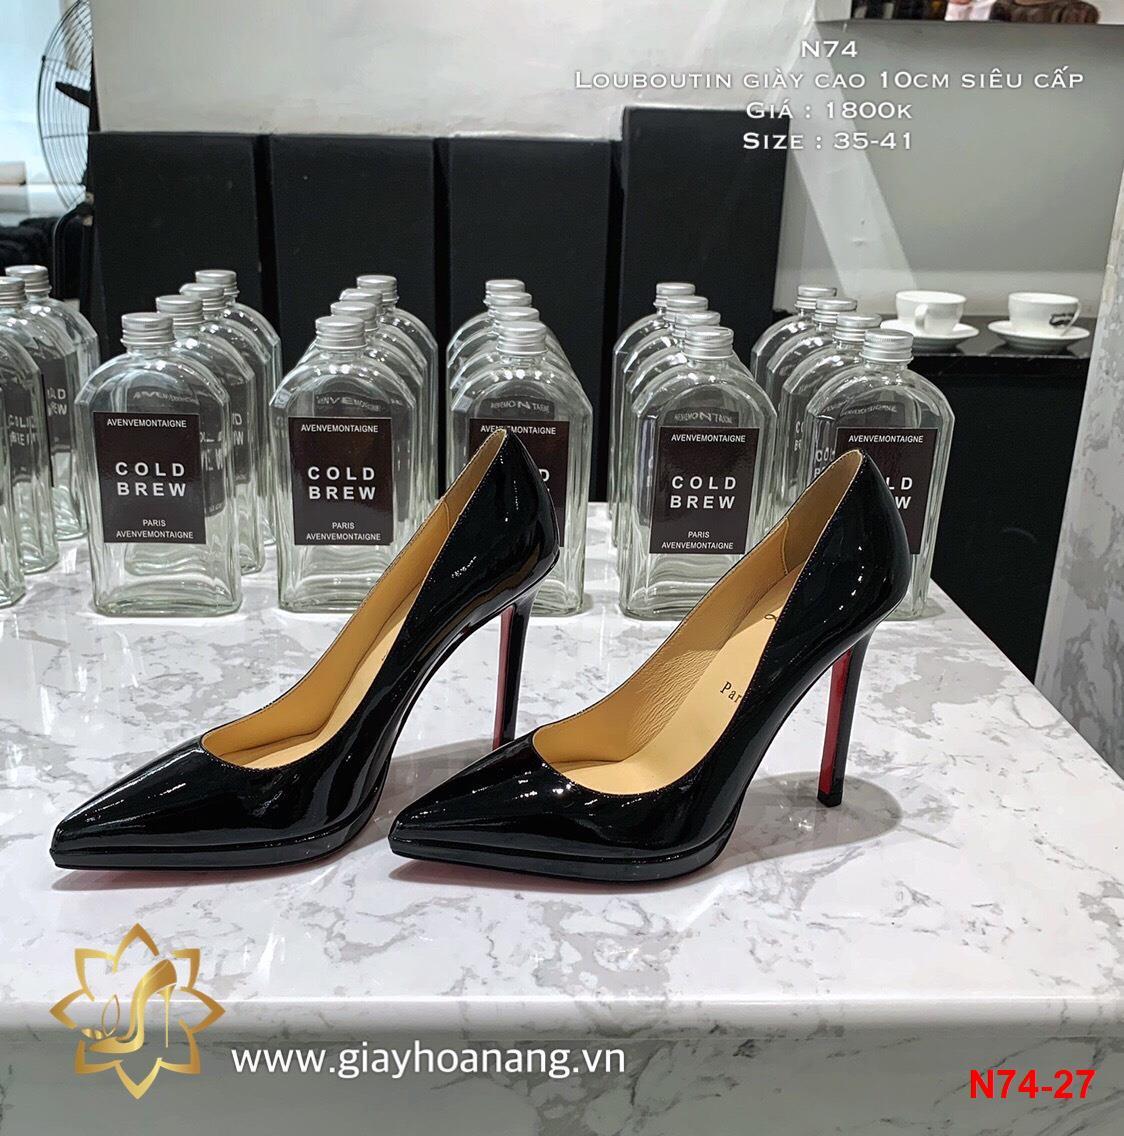 N74-27 Louboutin giày cao 10cm siêu cấp